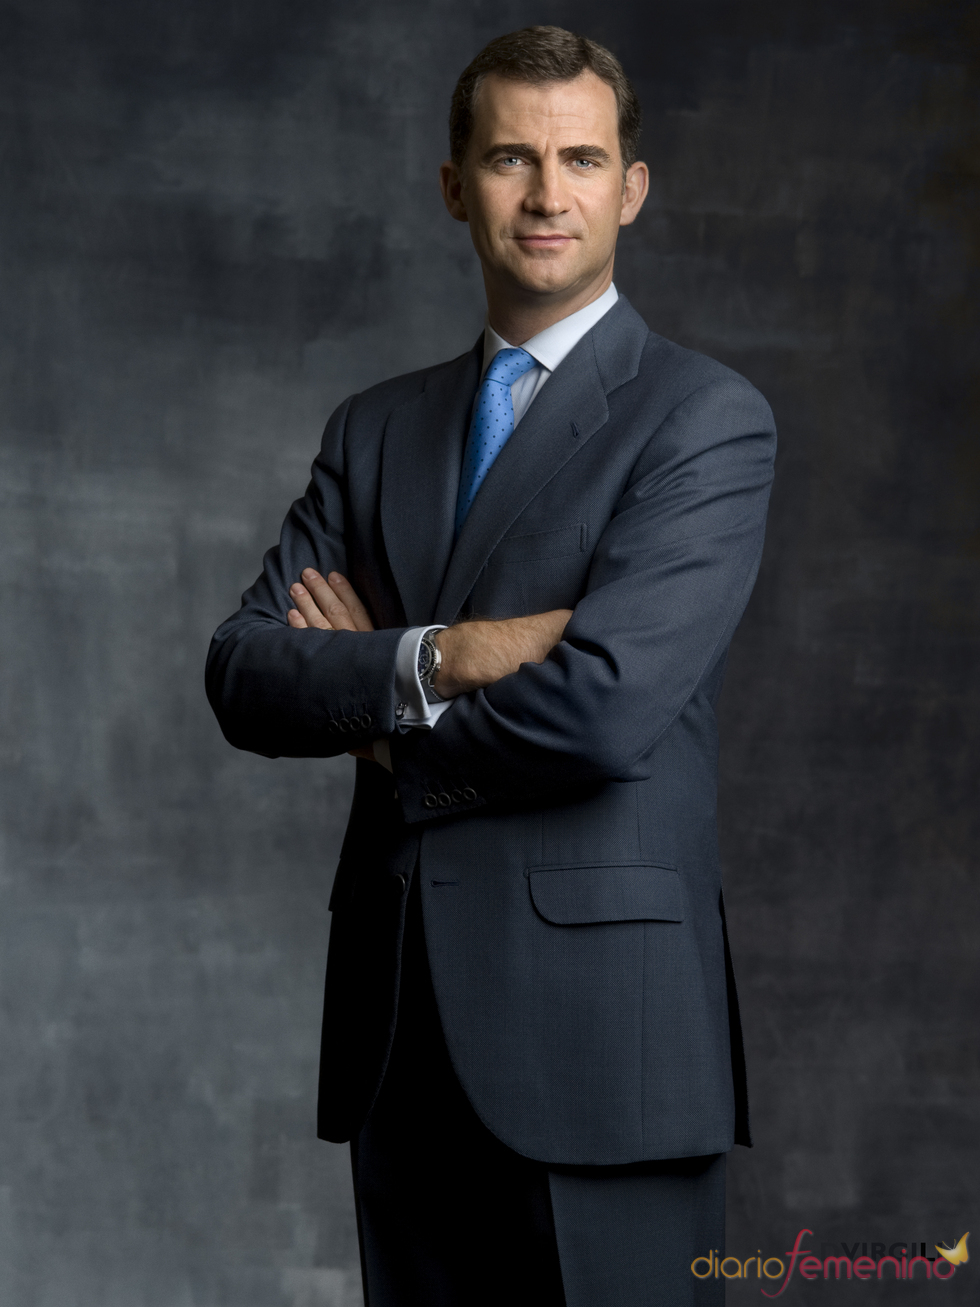 Fotografía oficial del Príncipe Felipe